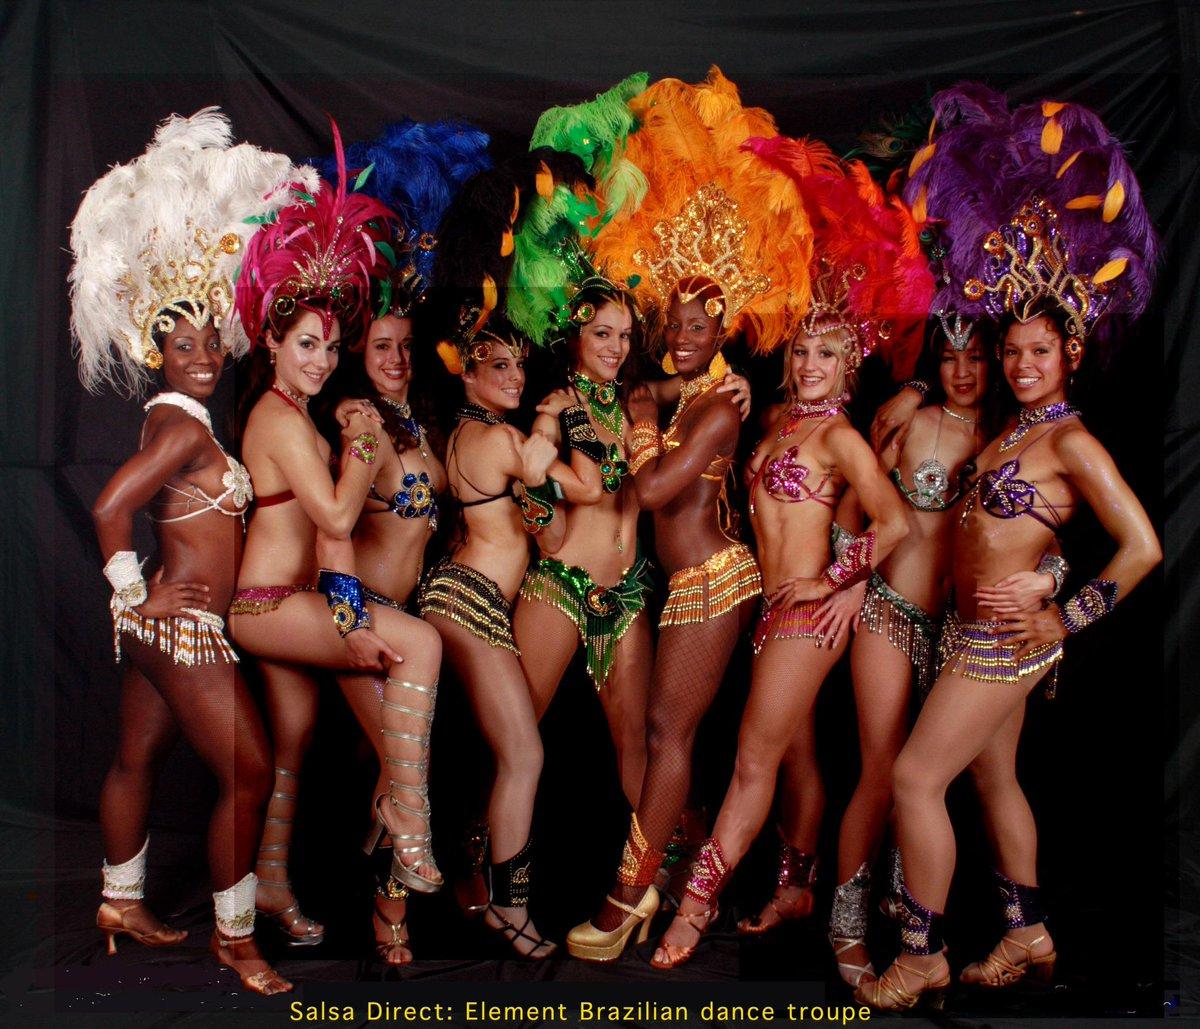 Samba full hd porn pics